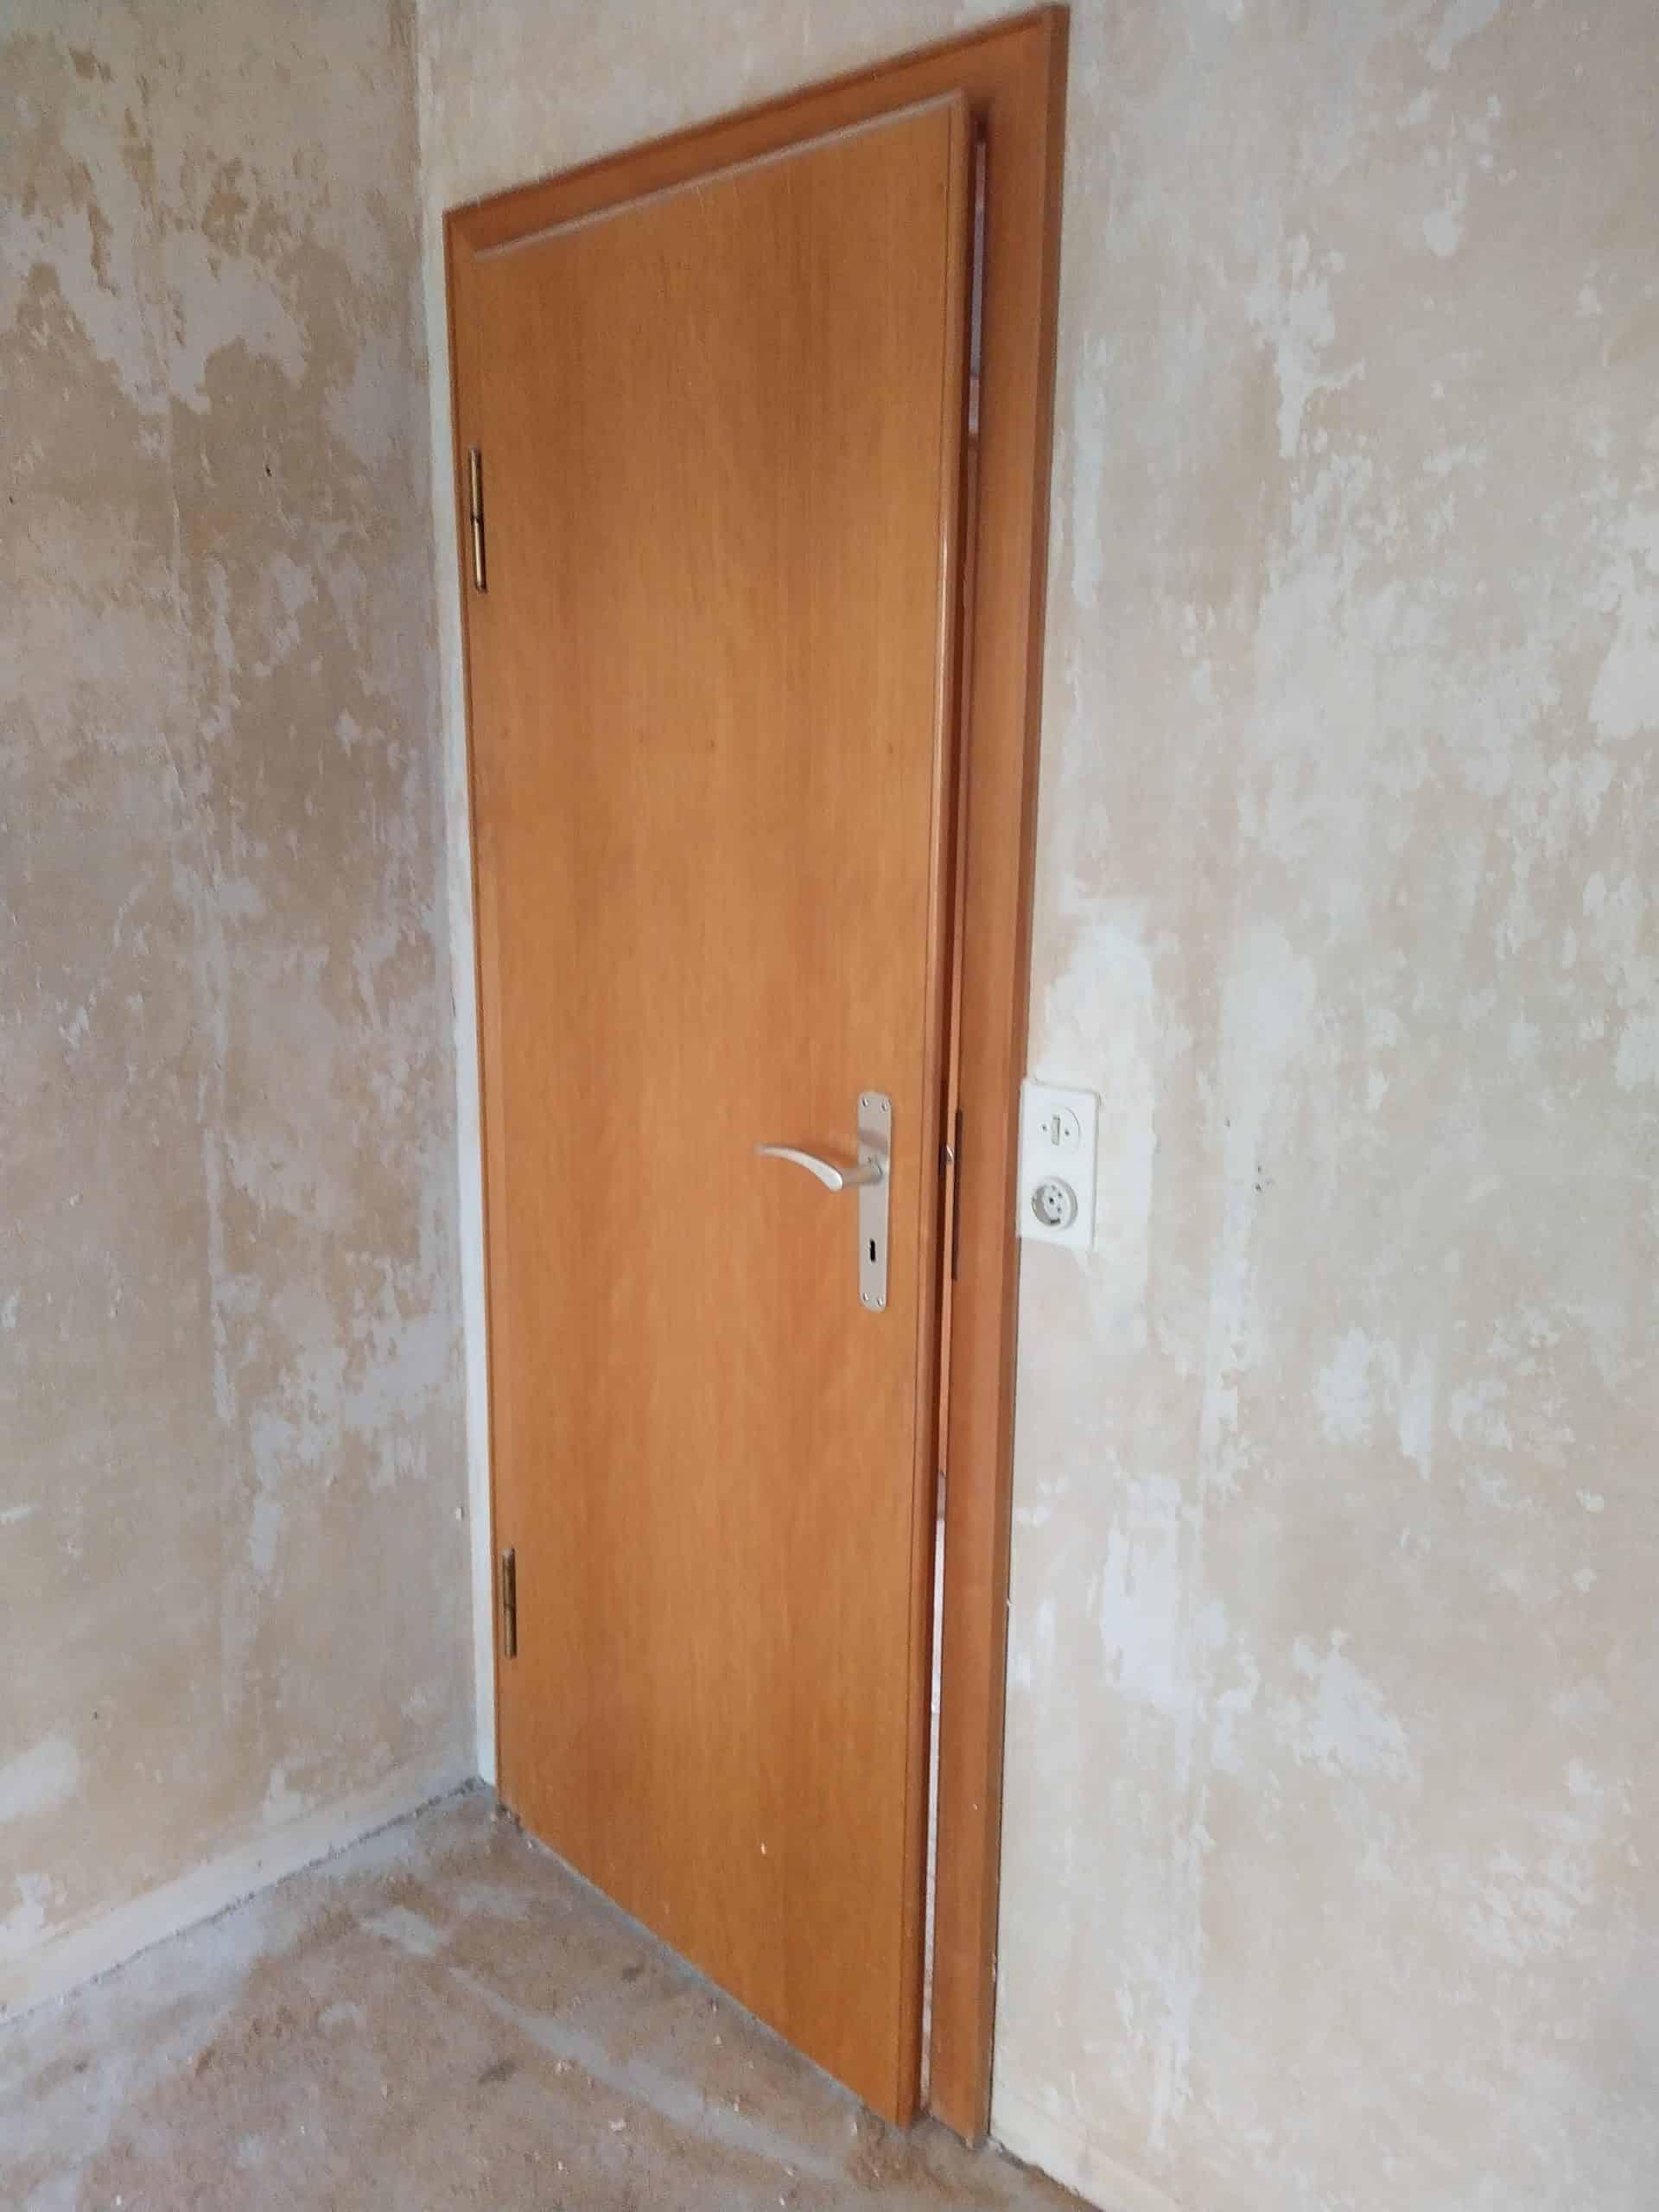 Zimmertür (1960er Jahre), Holz natur lackiert, 76er Breite